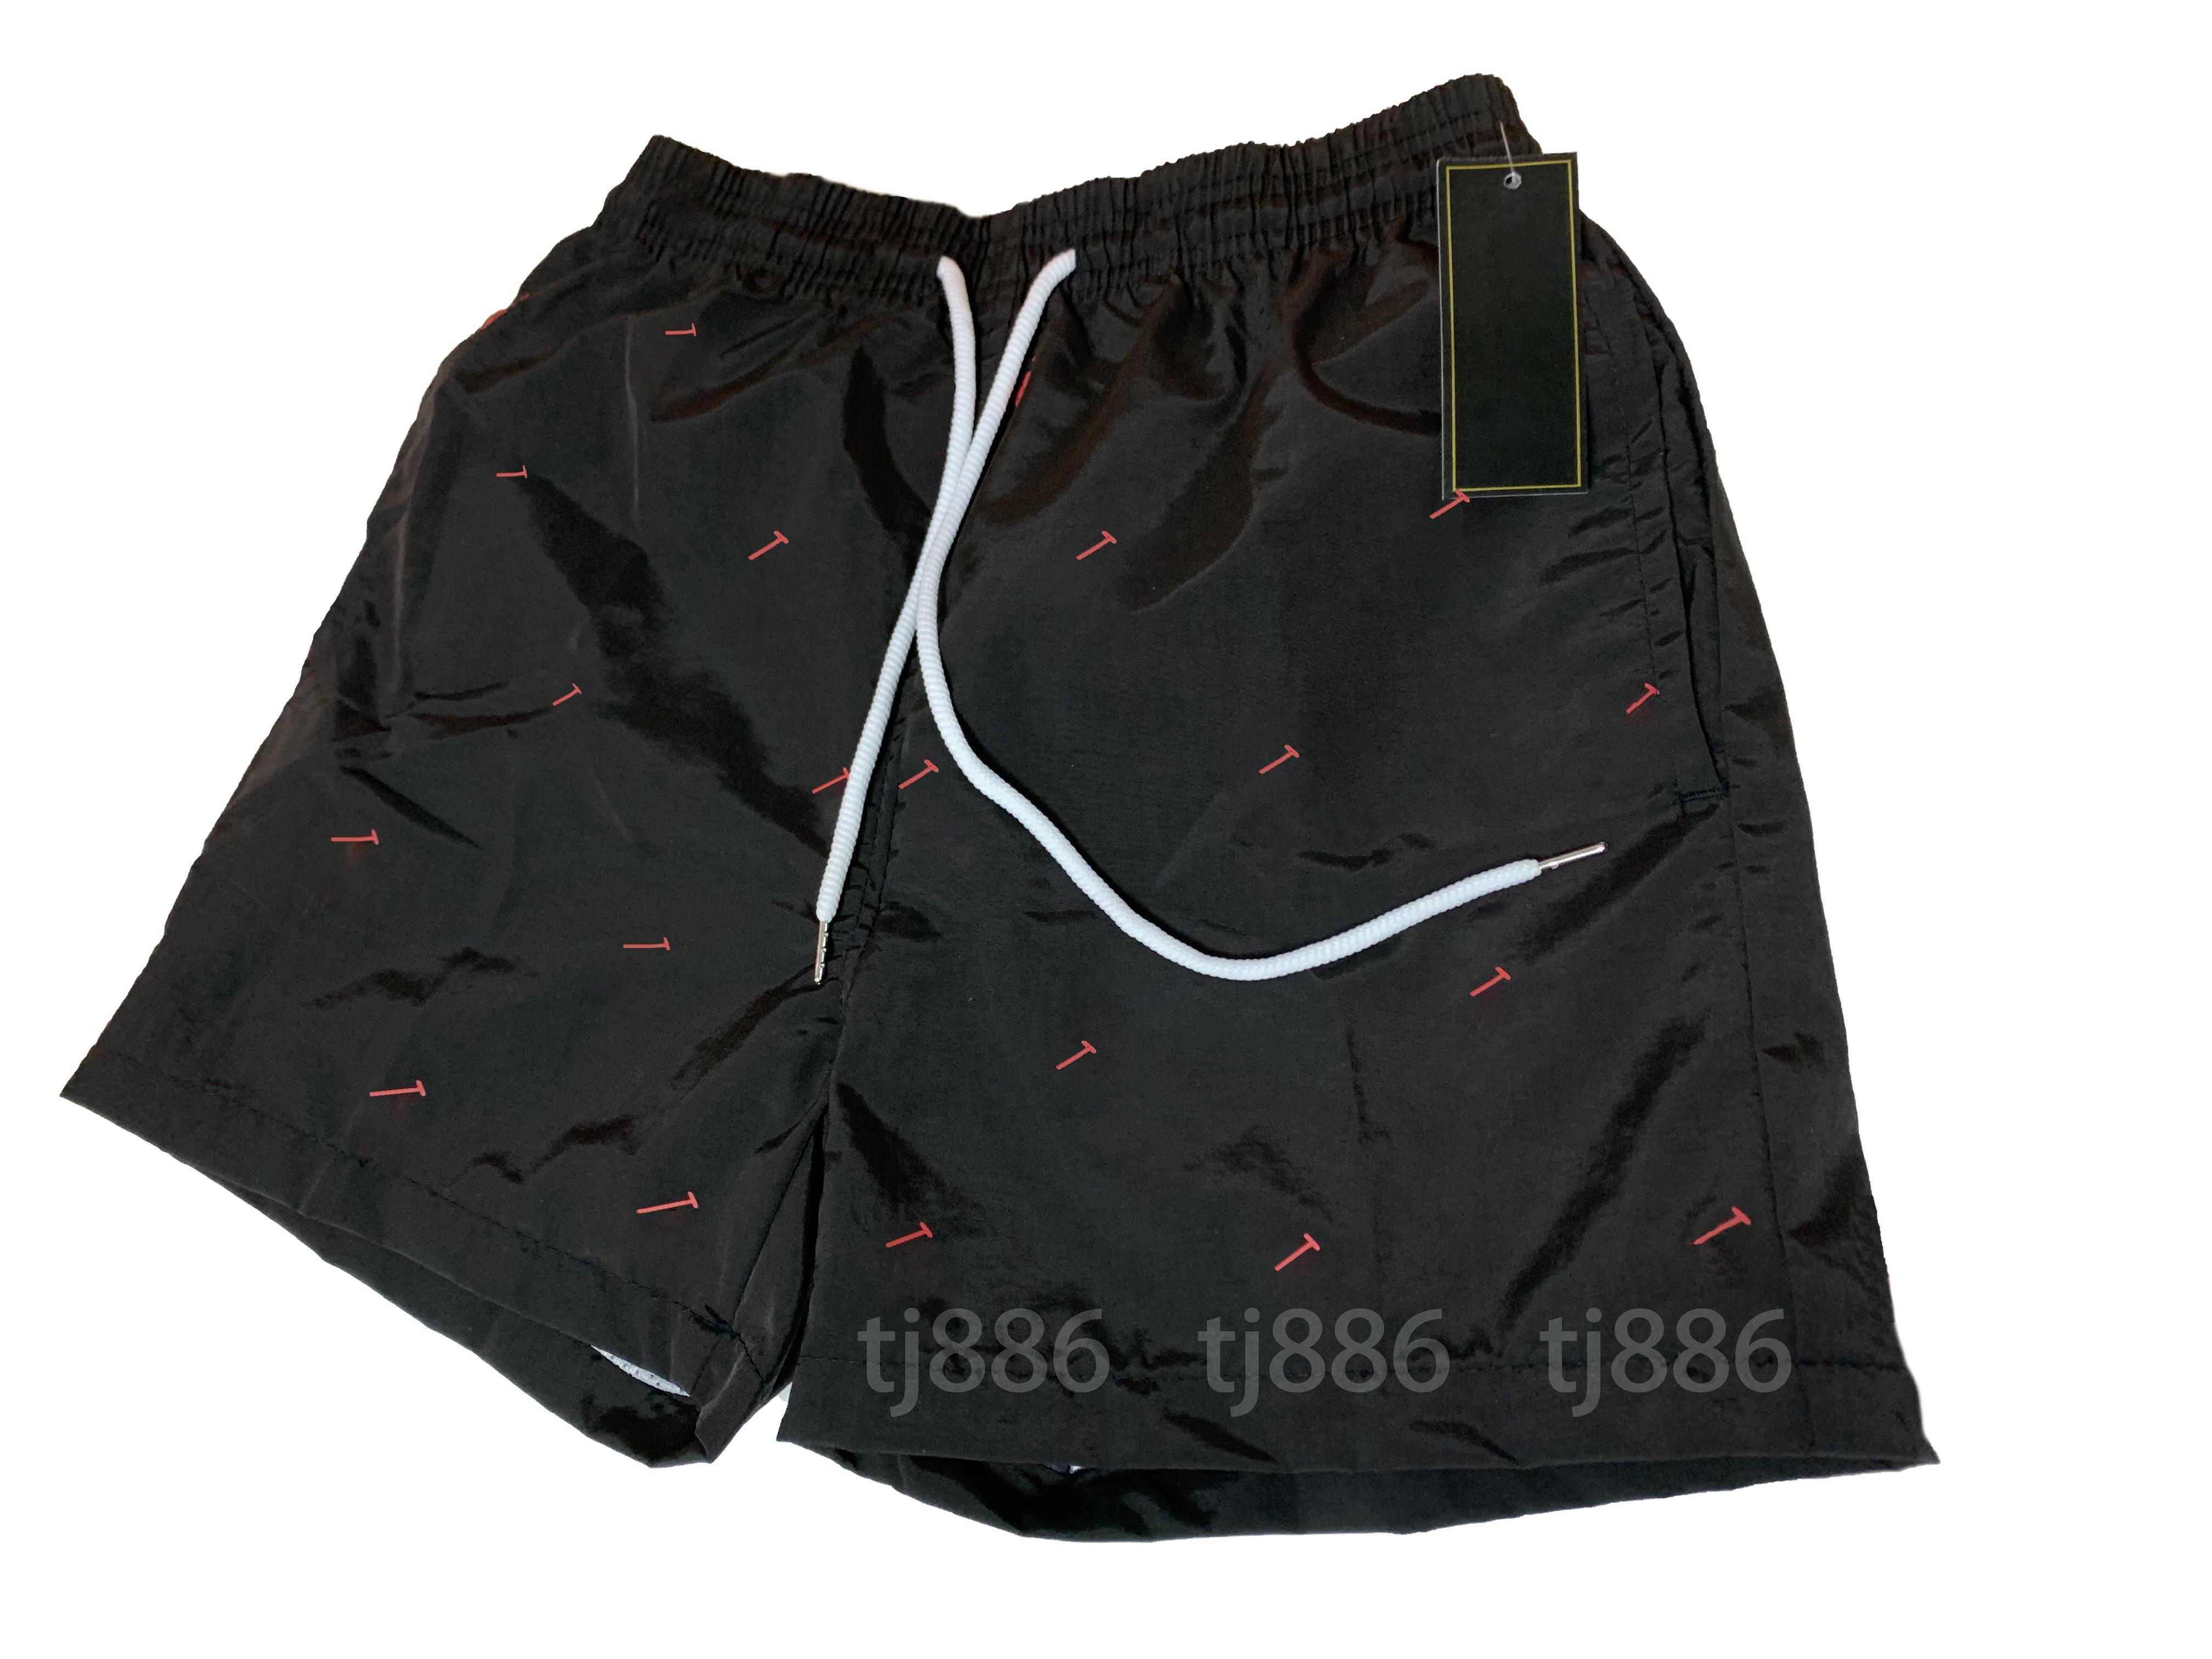 Männer Shorts Klassische Mode Strand Hosen Atmungsaktive und komfortable weiche moderne Luxusgüter Die Hose L ~ 4XL